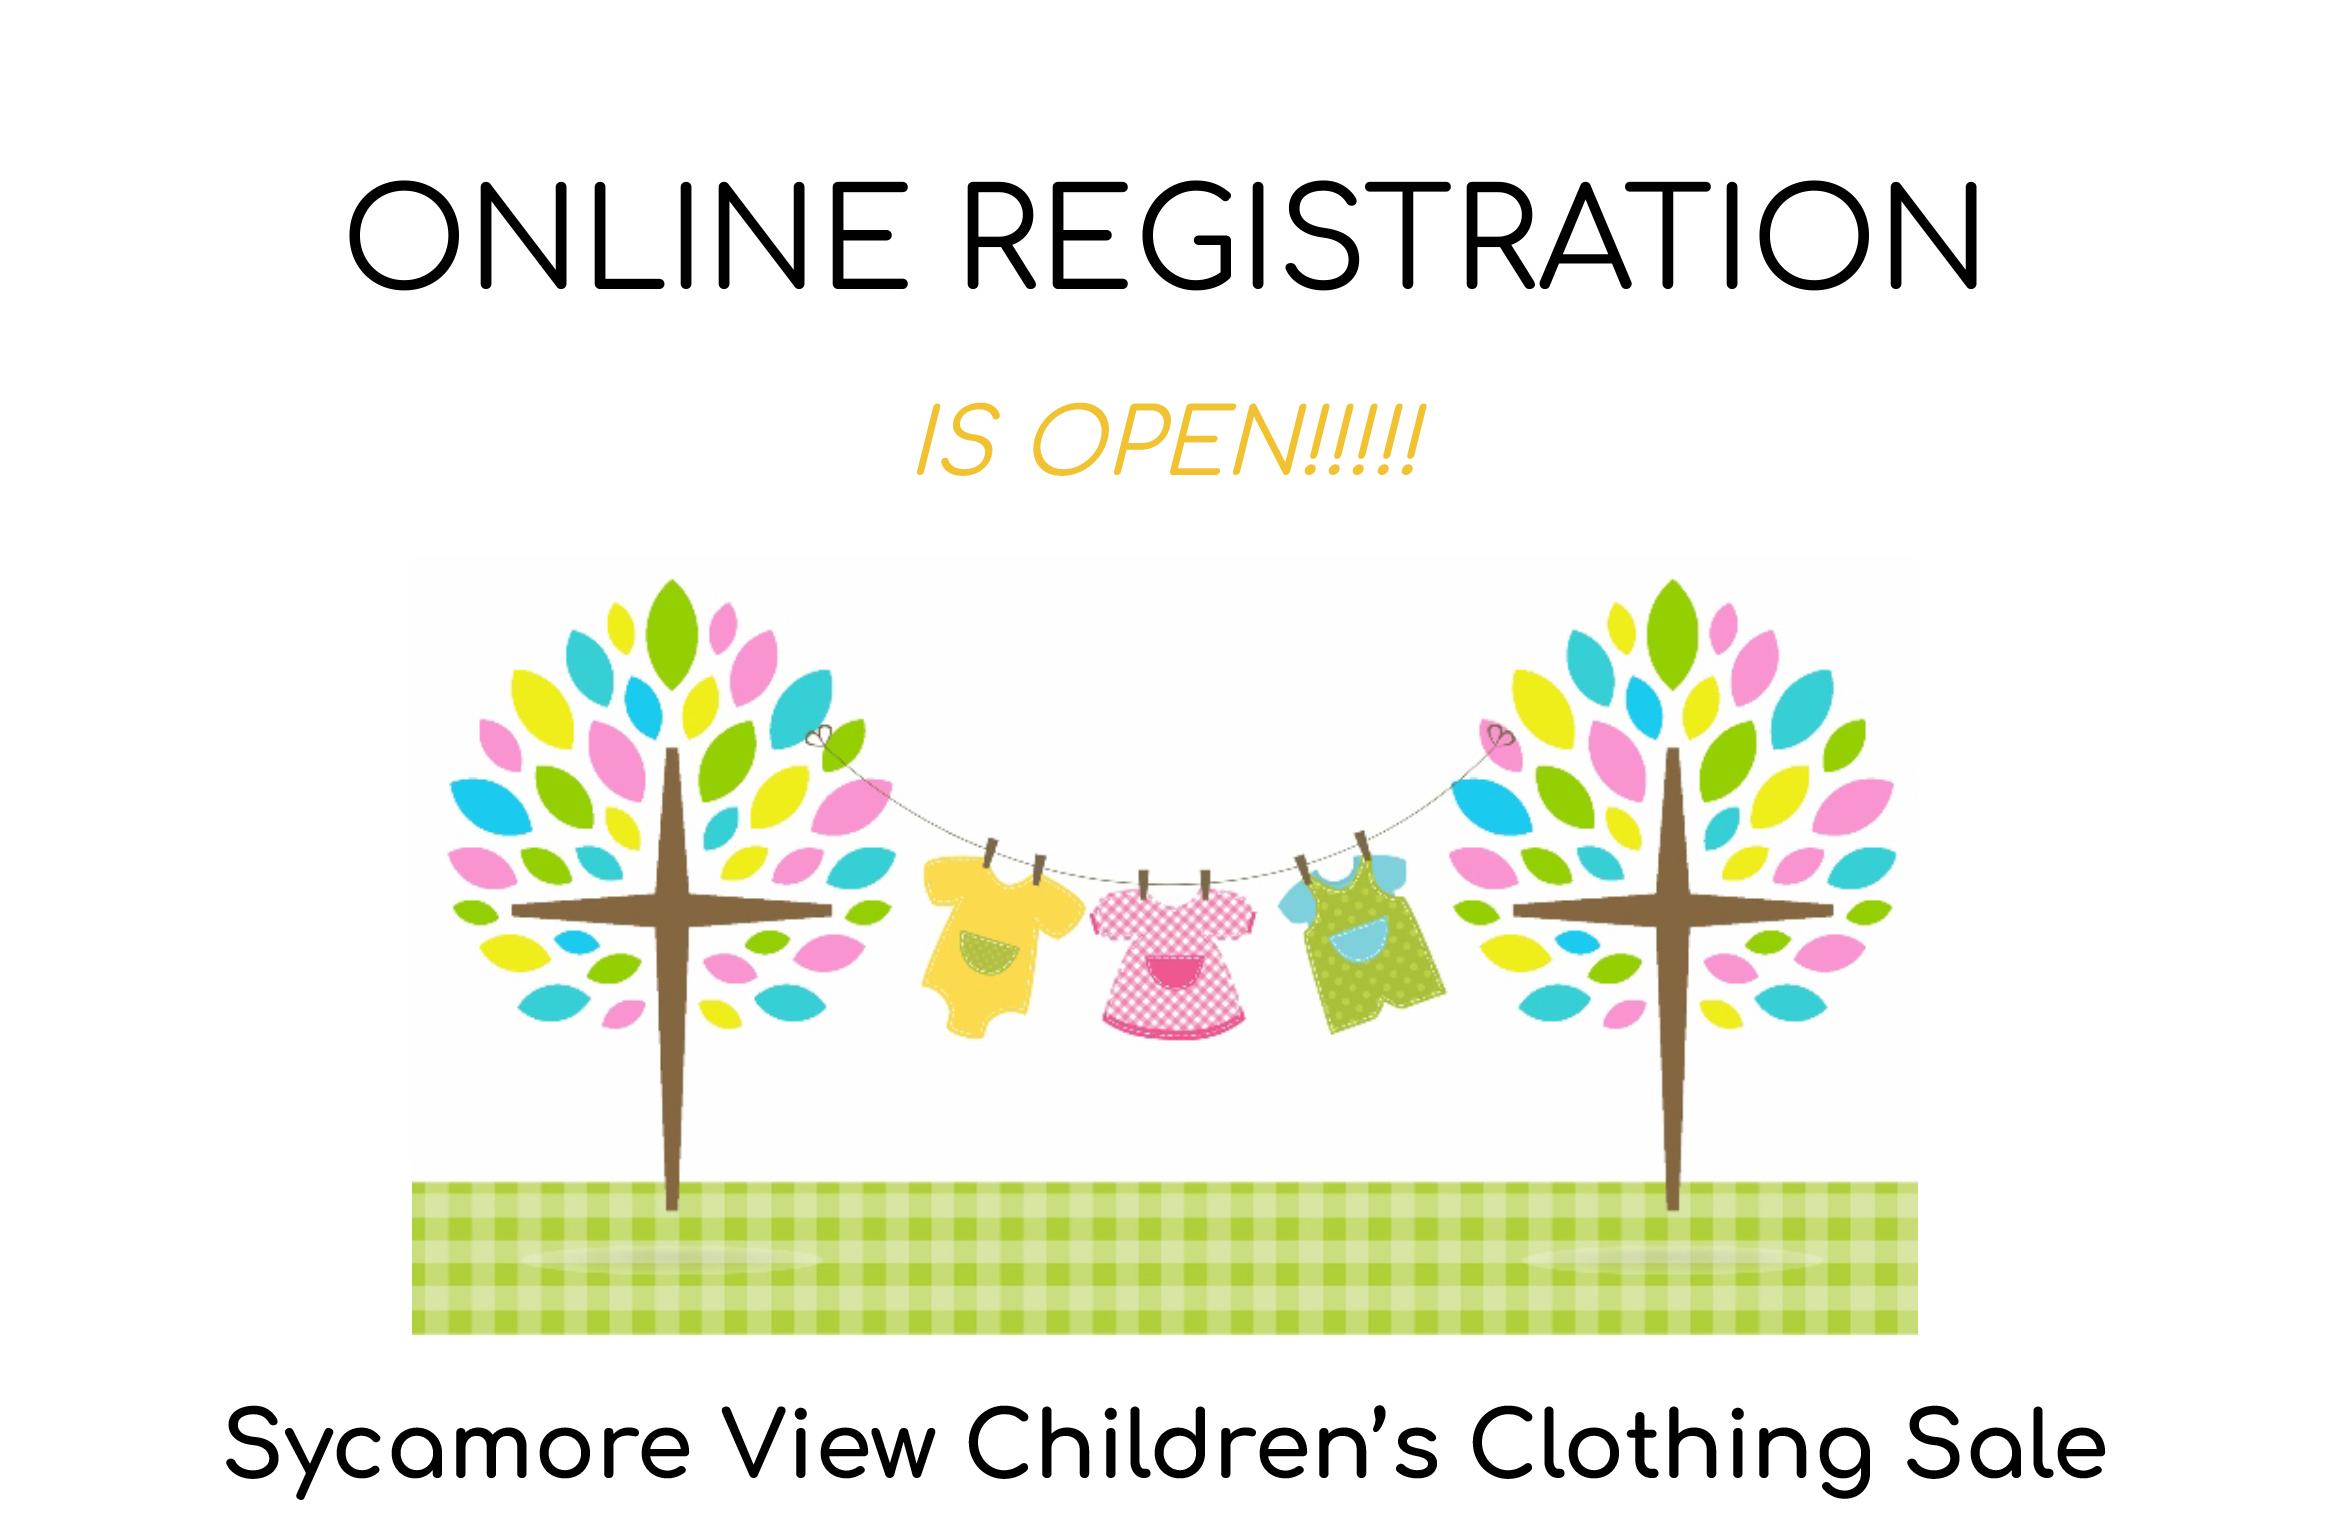 Registration is Open.jpg